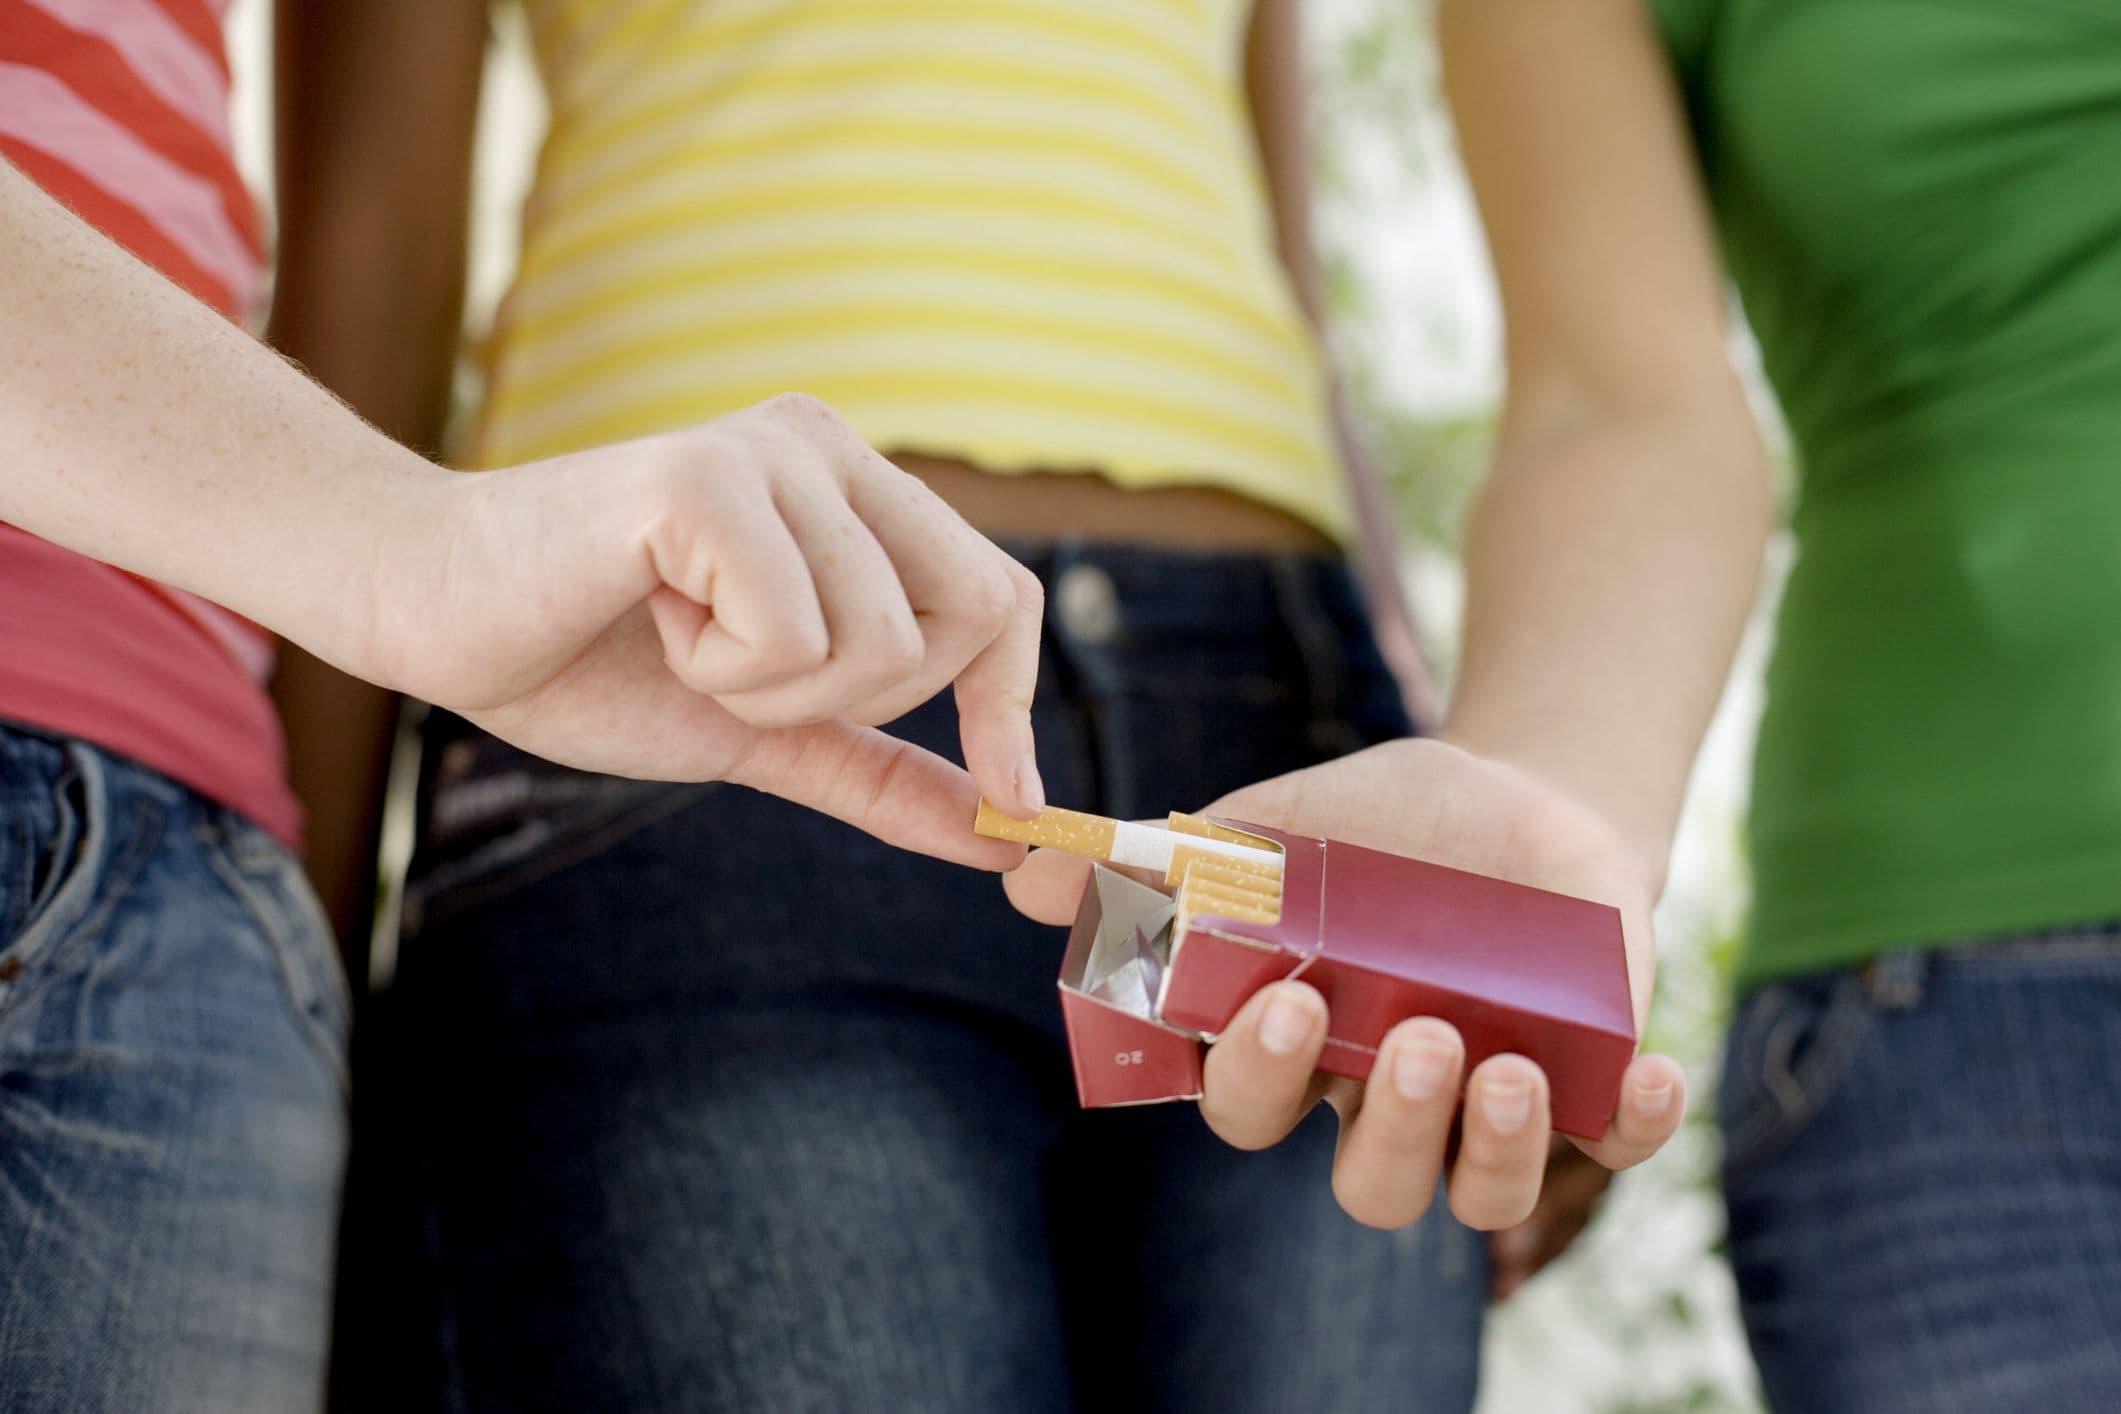 Вредные привычки могут сделать месячные нерегулярными или вовсе заставить их исчезнуть